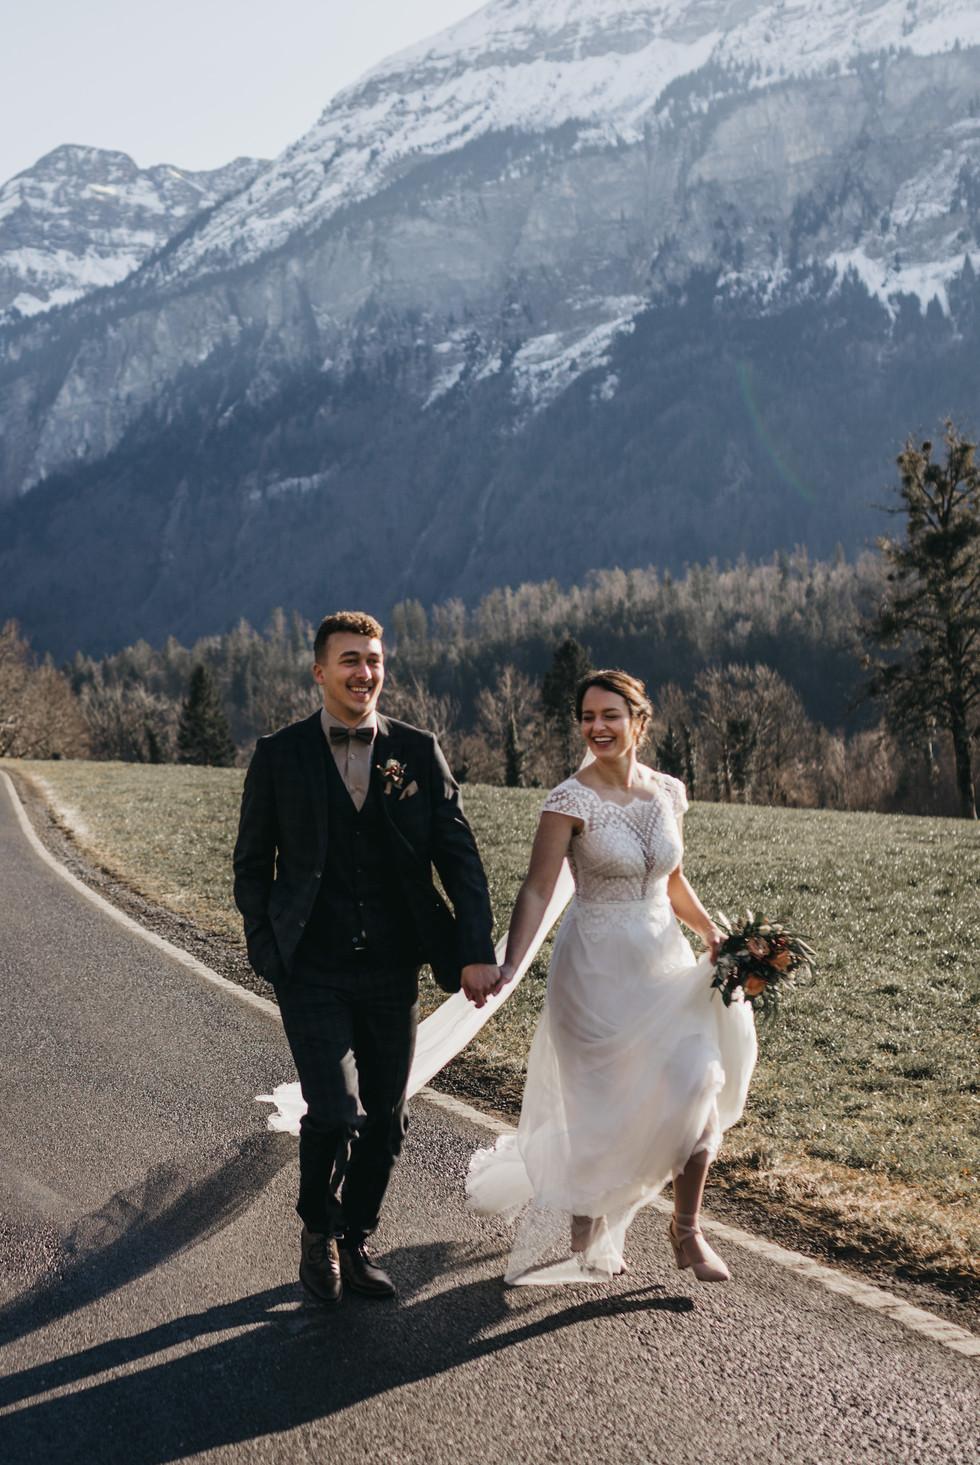 Hochzeitsfotografen-42.jpg